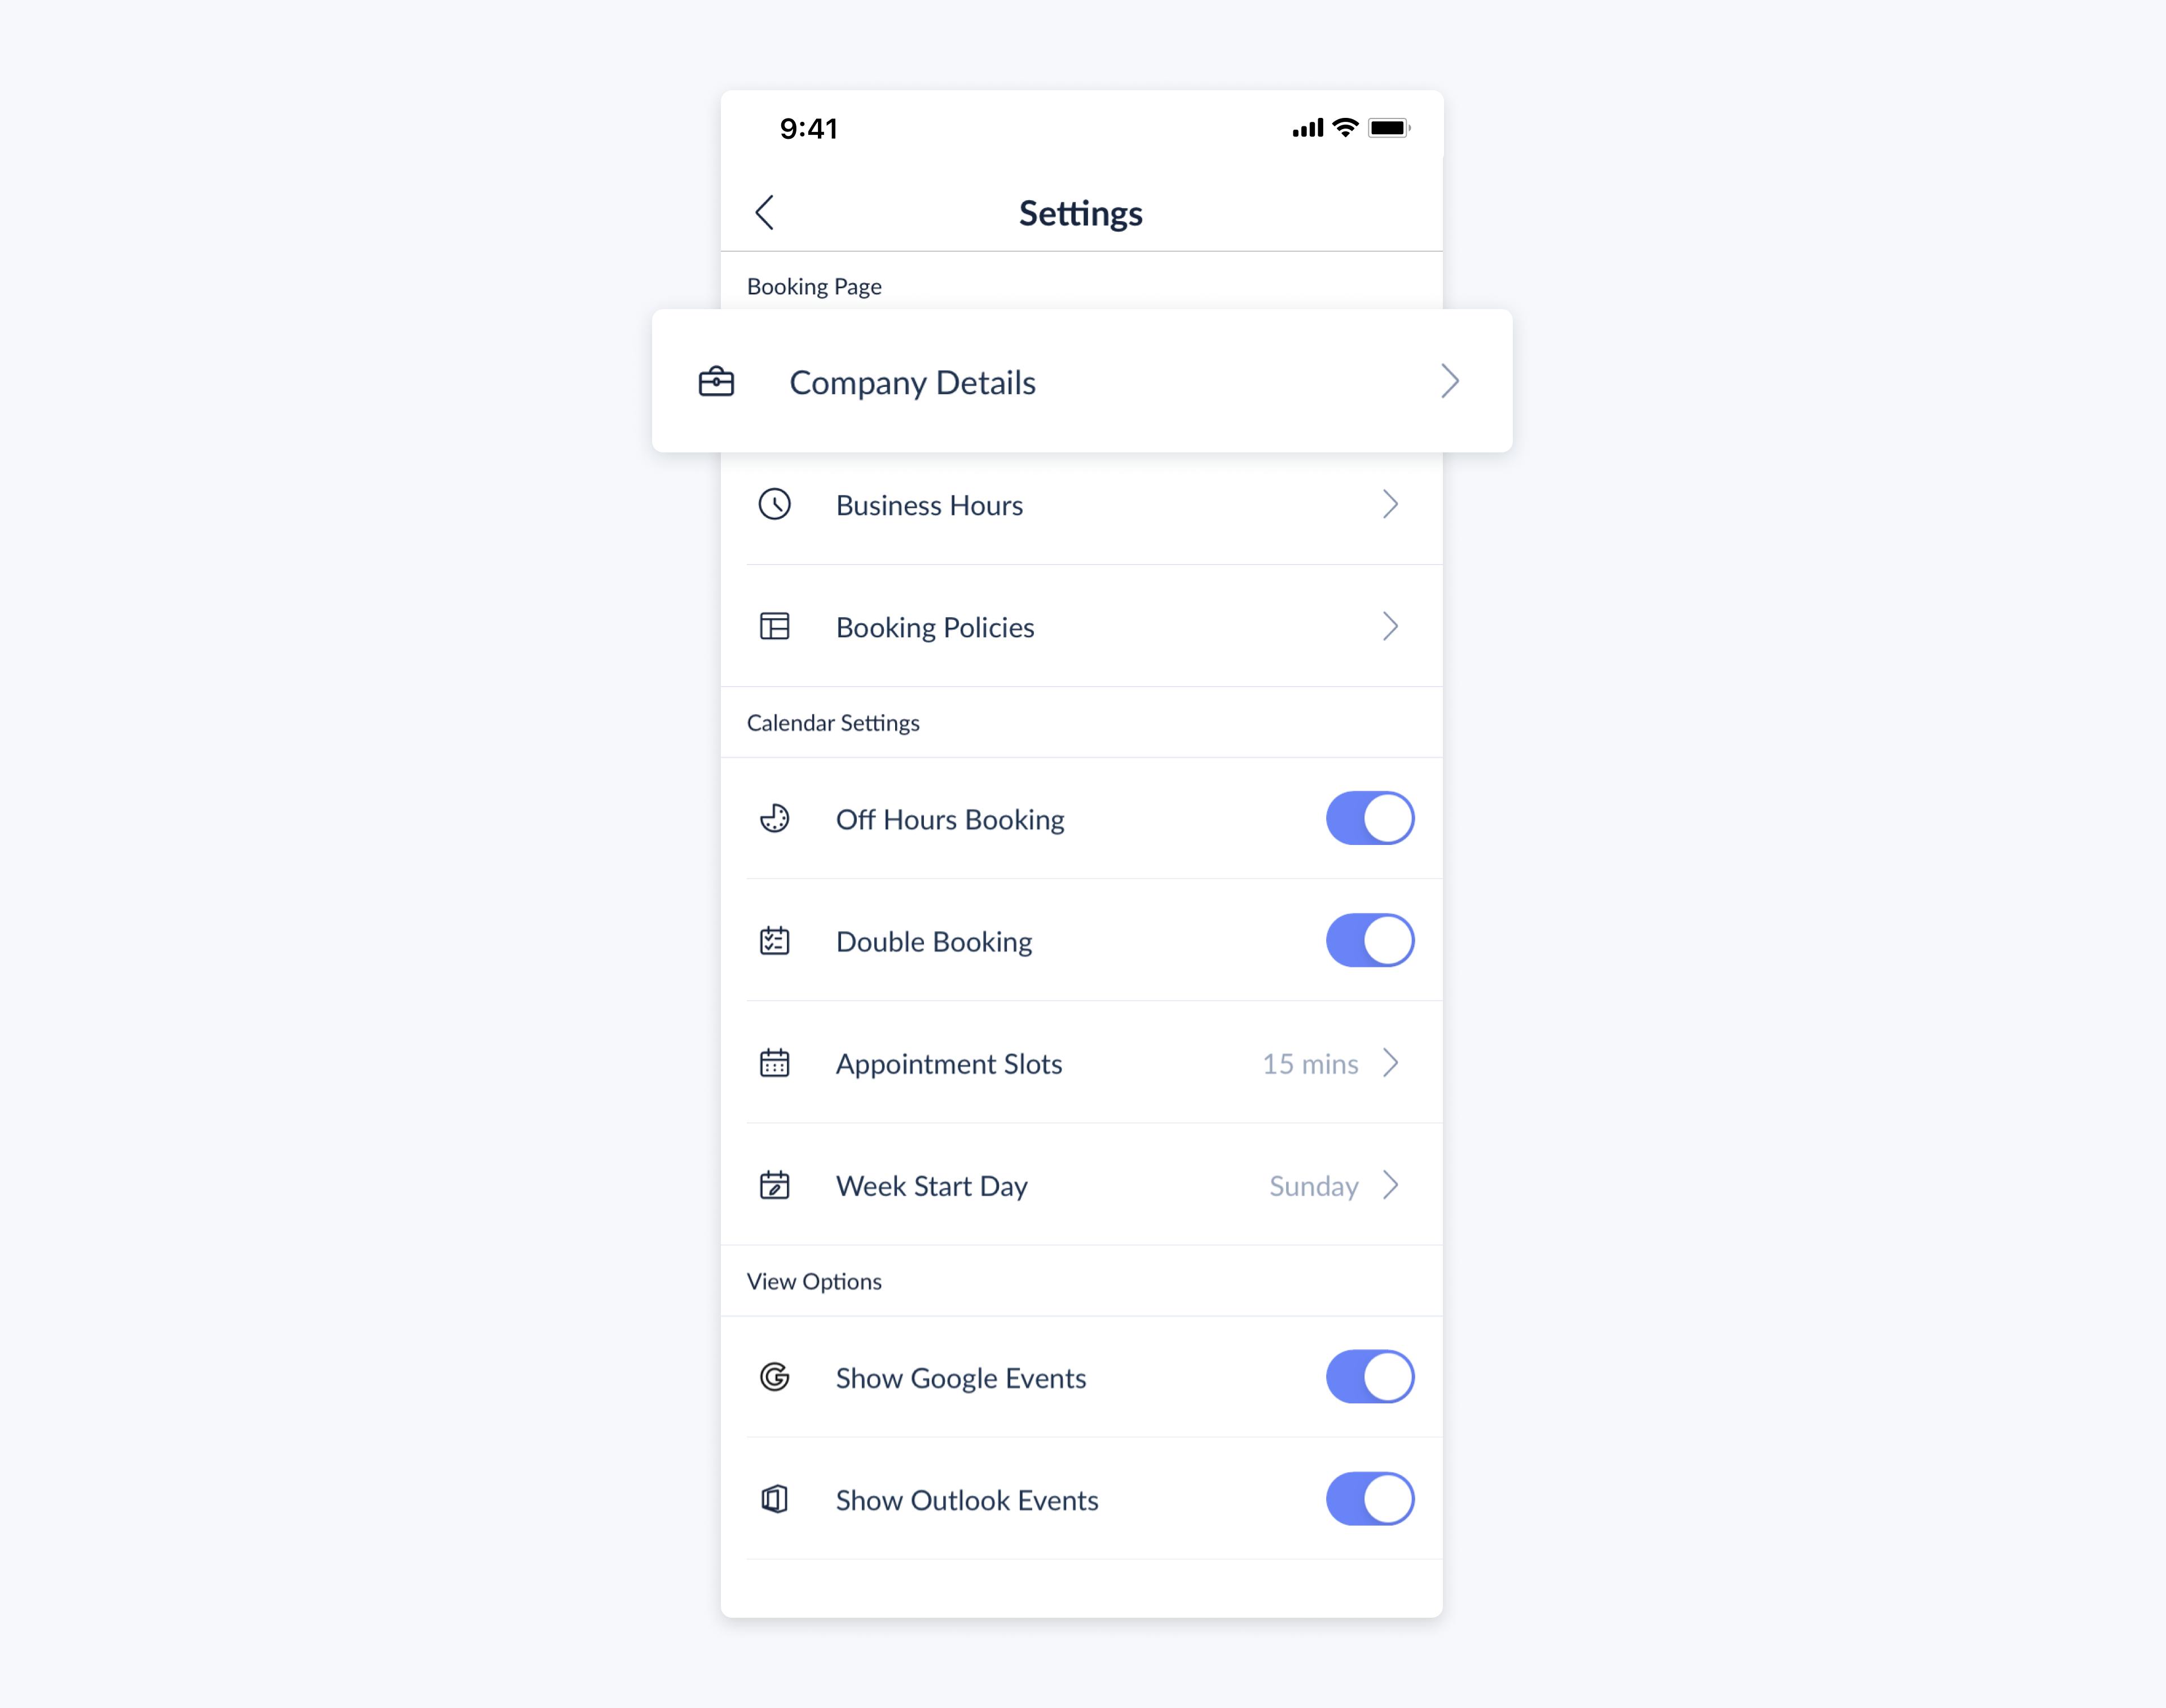 setmore mobile app settings menu